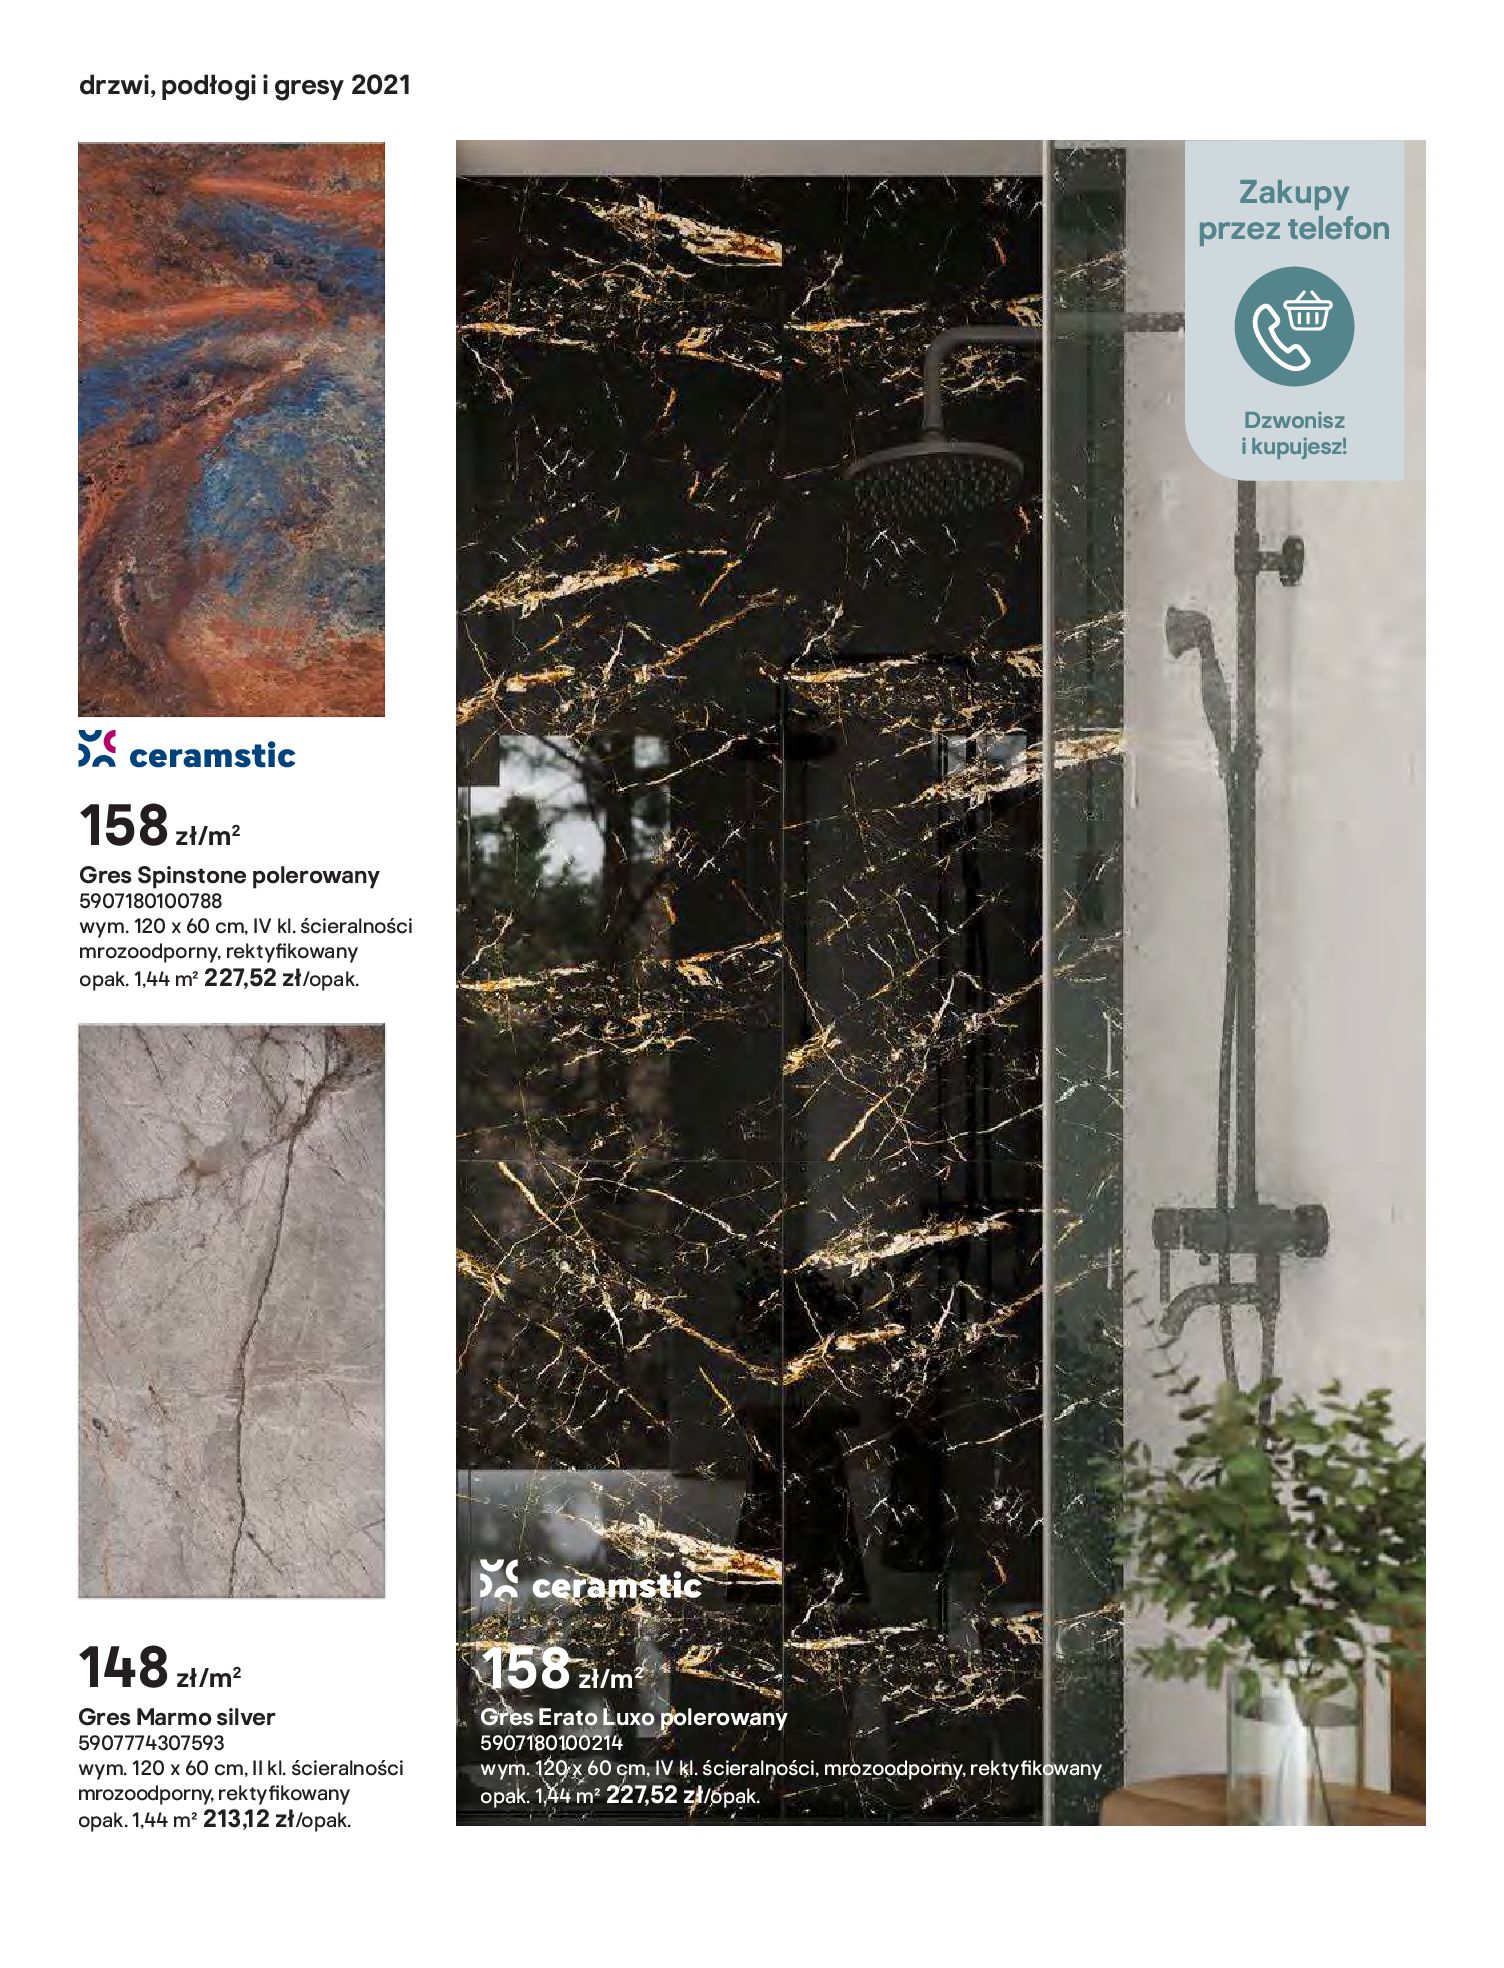 Gazetka Castorama: Gazetka Castorama - Przewodnik drzwi i podłogi 2021 2021-08-11 page-92